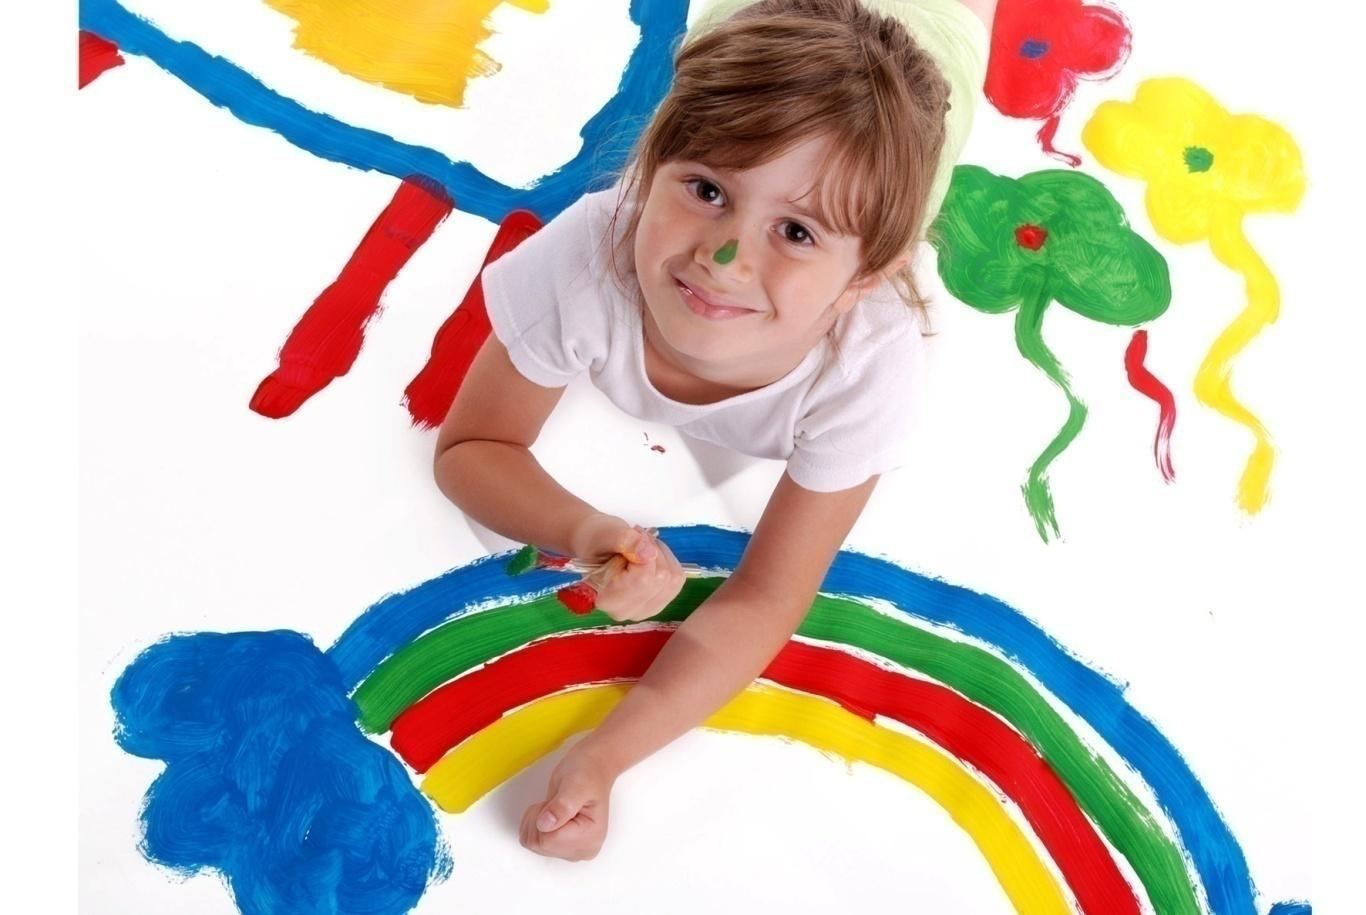 Арт конкурсы рисунков для детей